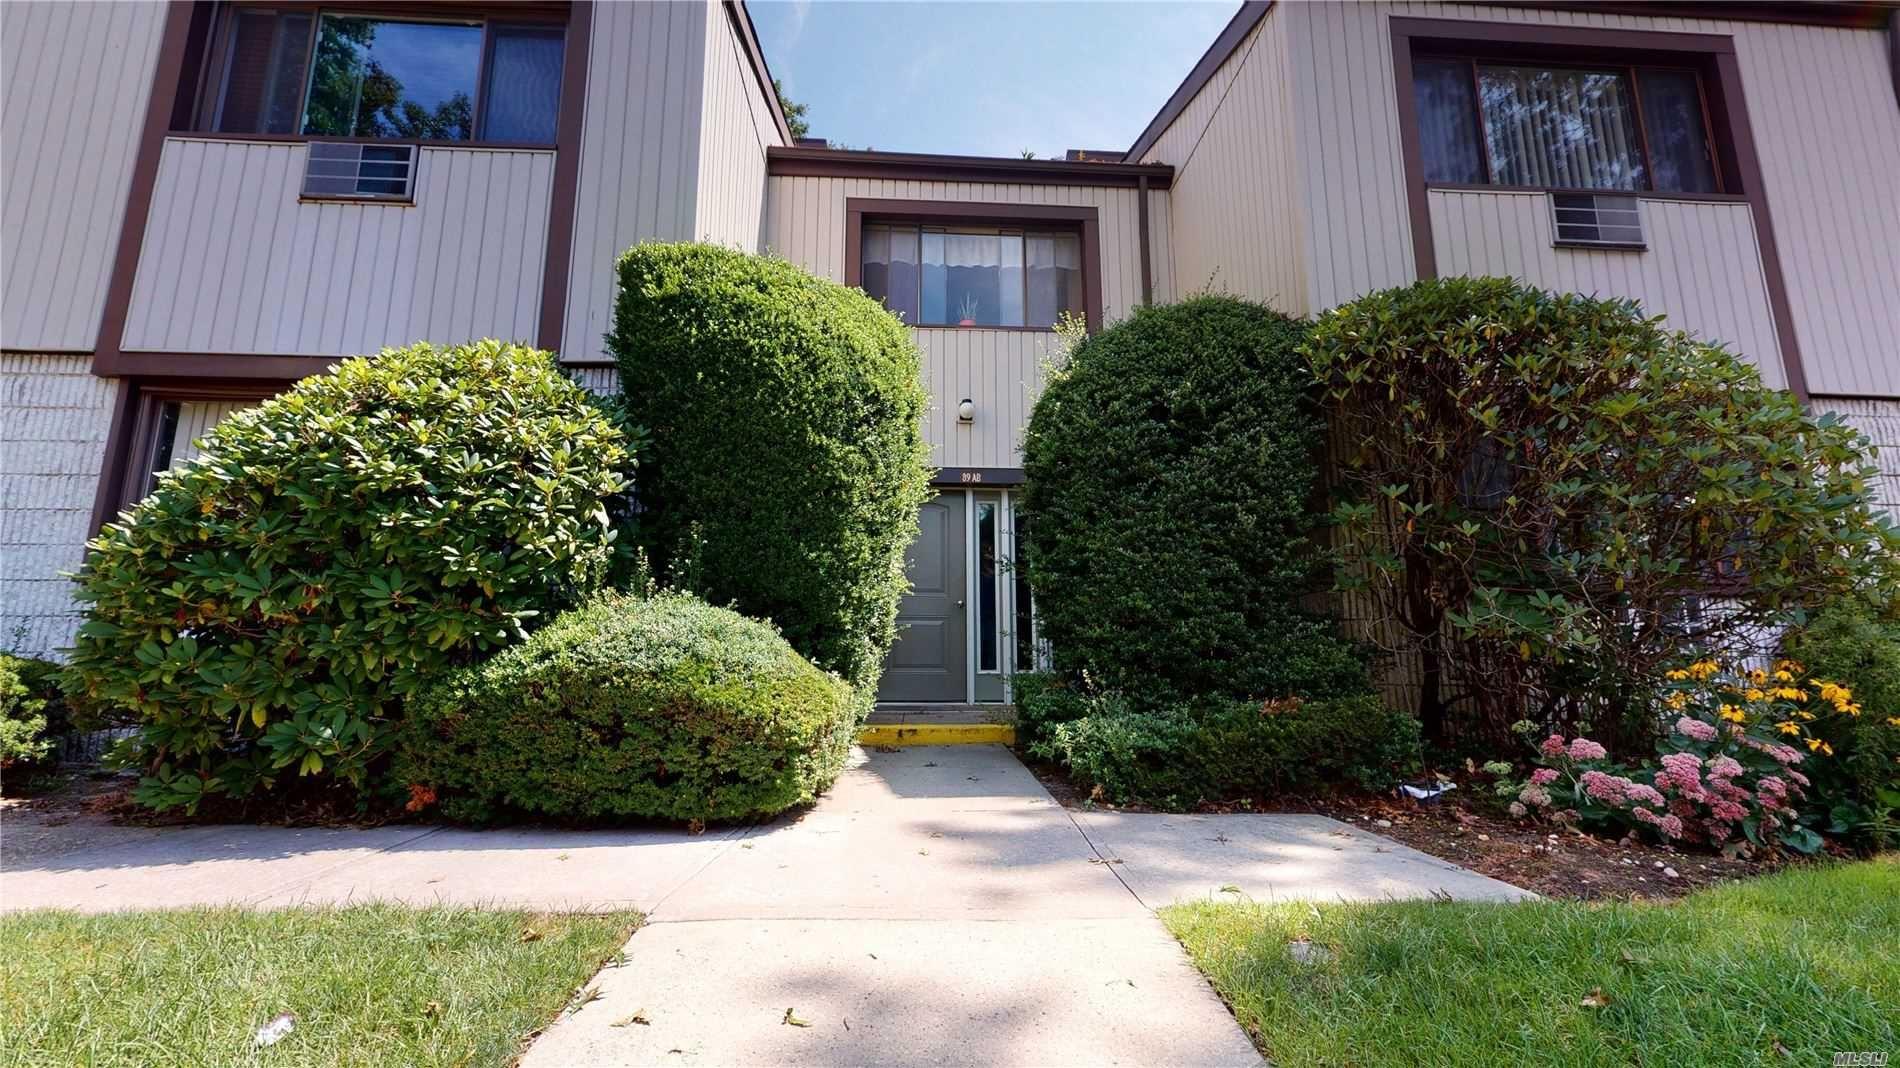 89 Richmond Boulevard #4B, Ronkonkoma, NY 11779 - MLS#: 3240811